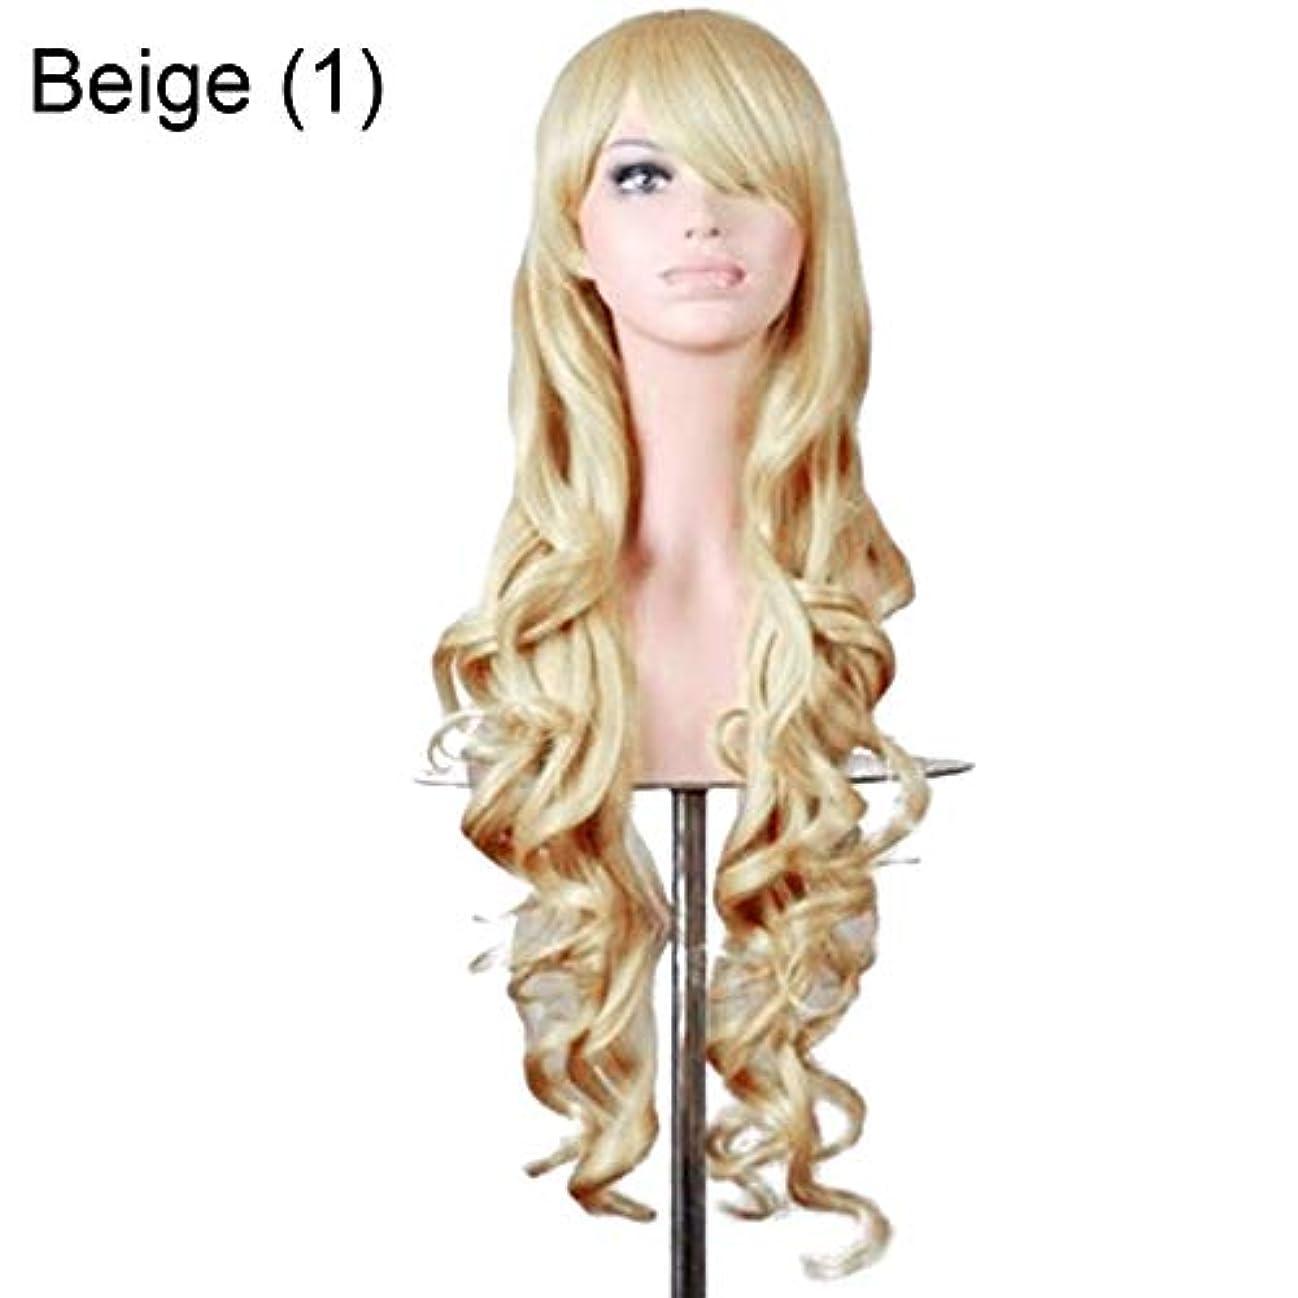 ヤギバイパス疑い者slQinjiansav女性ウィッグ修理ツール女性ソリッドカラー長波状カーリーウィッグコスプレヘアピースアニメ合成髪